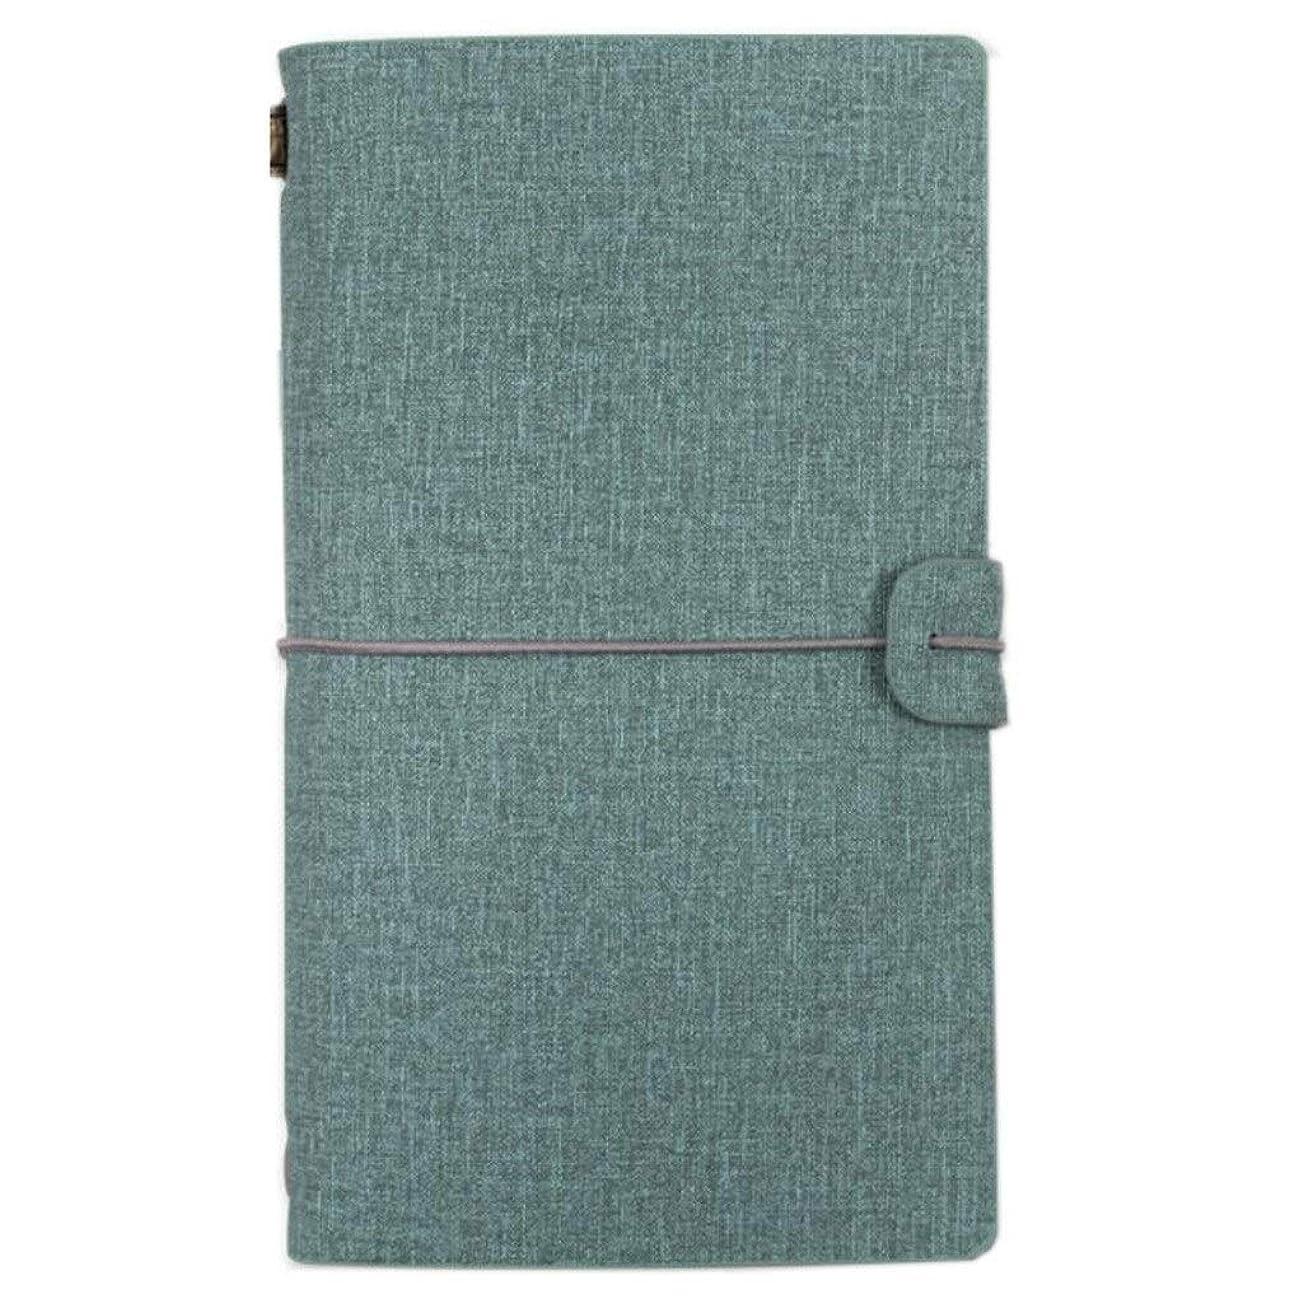 ノート/メモ帳、ハンドブックA6クリエイティブトラベルジャーナル、ダイアリーオーガナイザー、2個 (色 : Vintage blue)